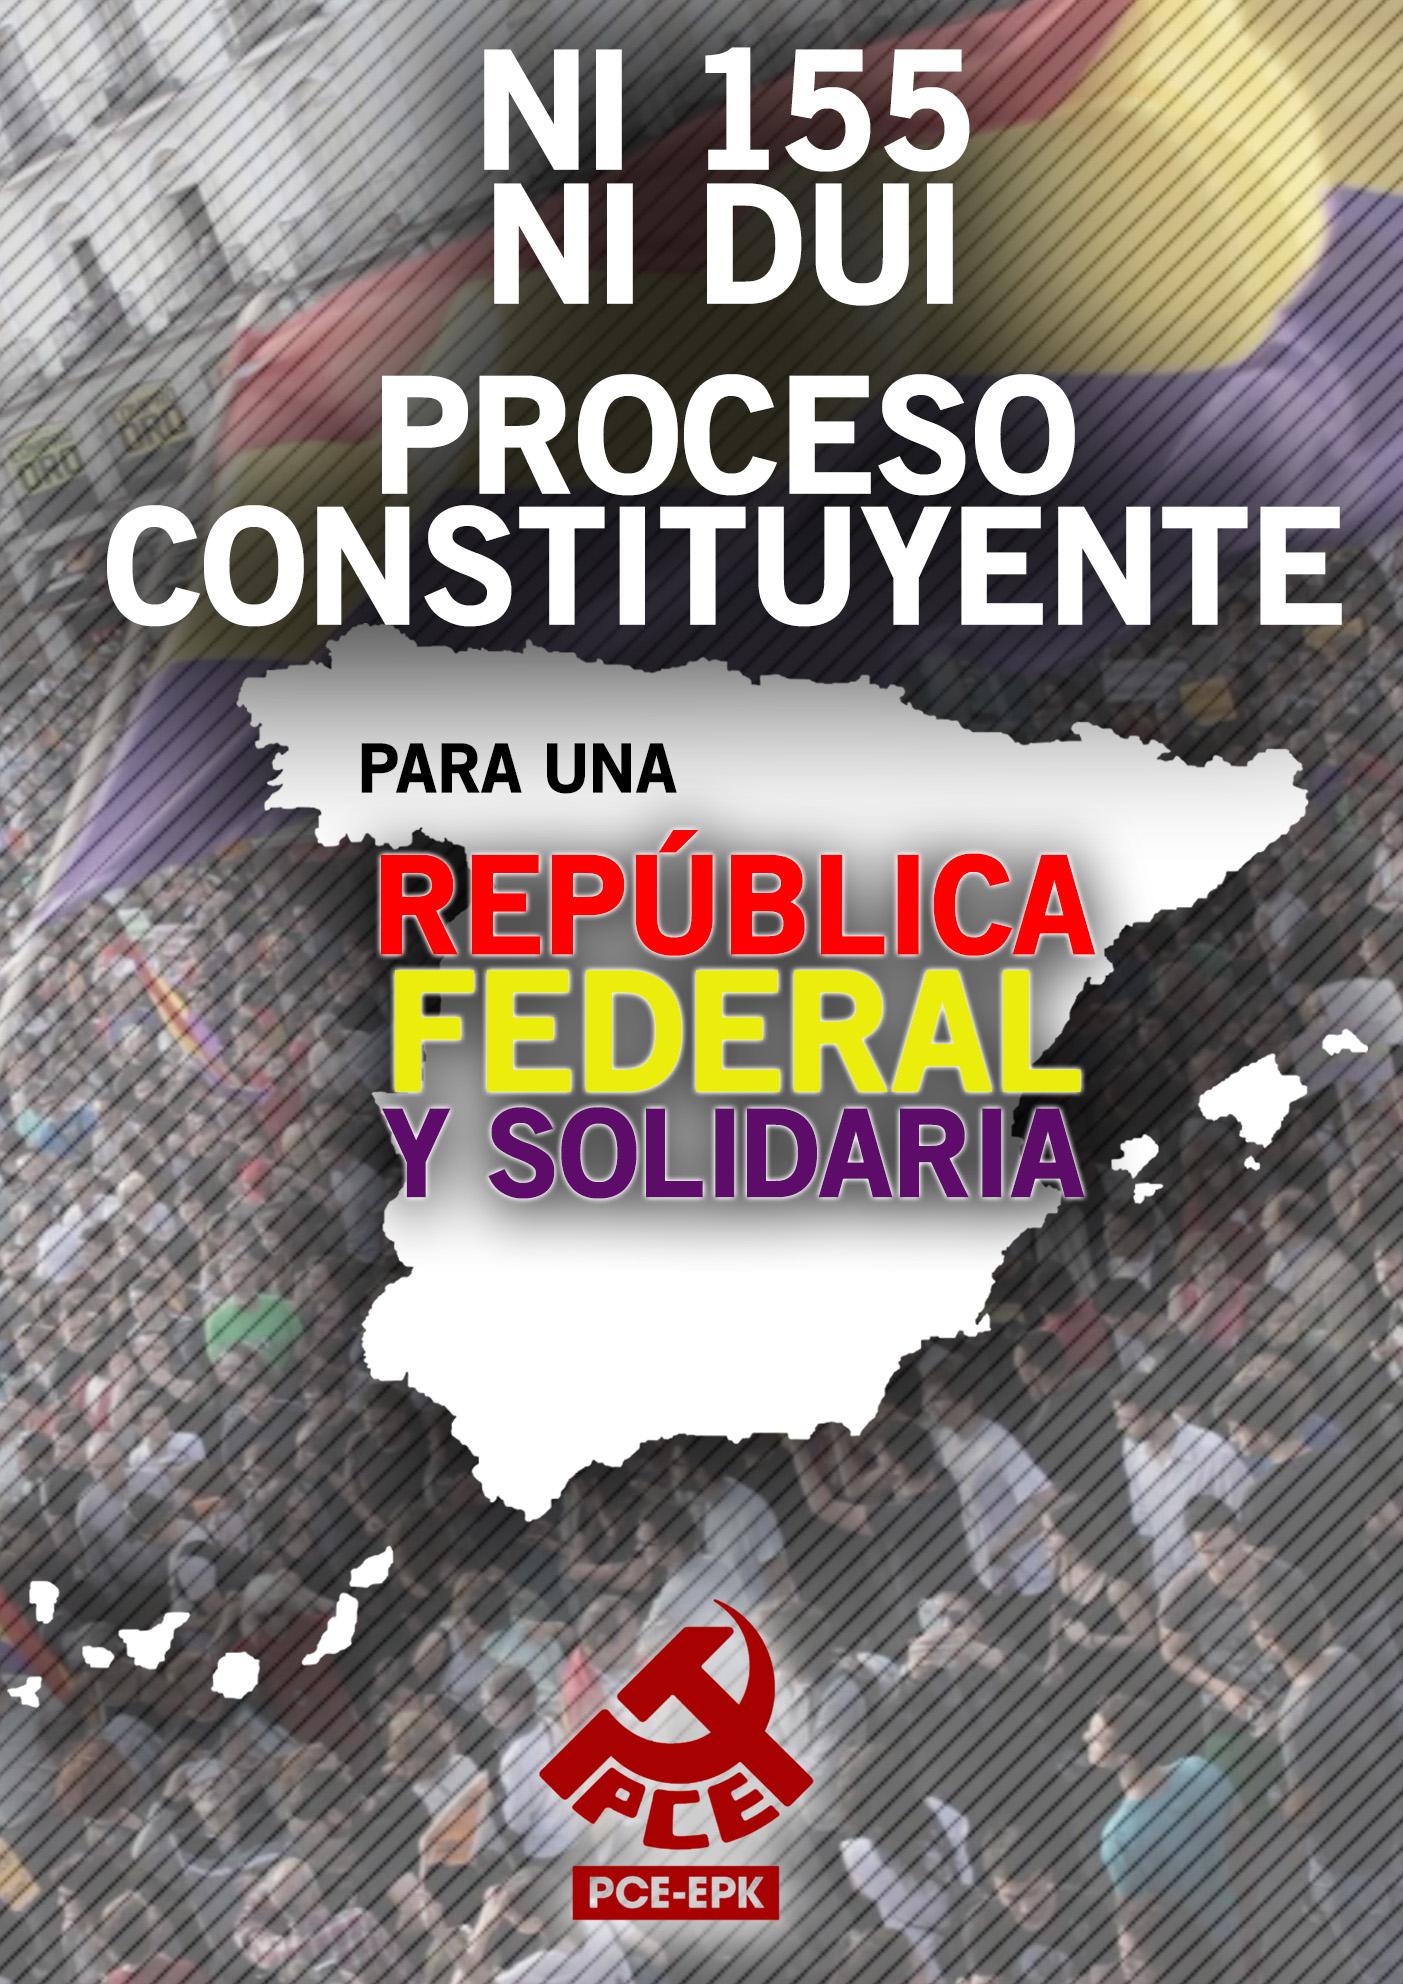 El PCE-EPK Navarra inicia una campaña por un Proceso Constituyente y una República Federal y Solidaria